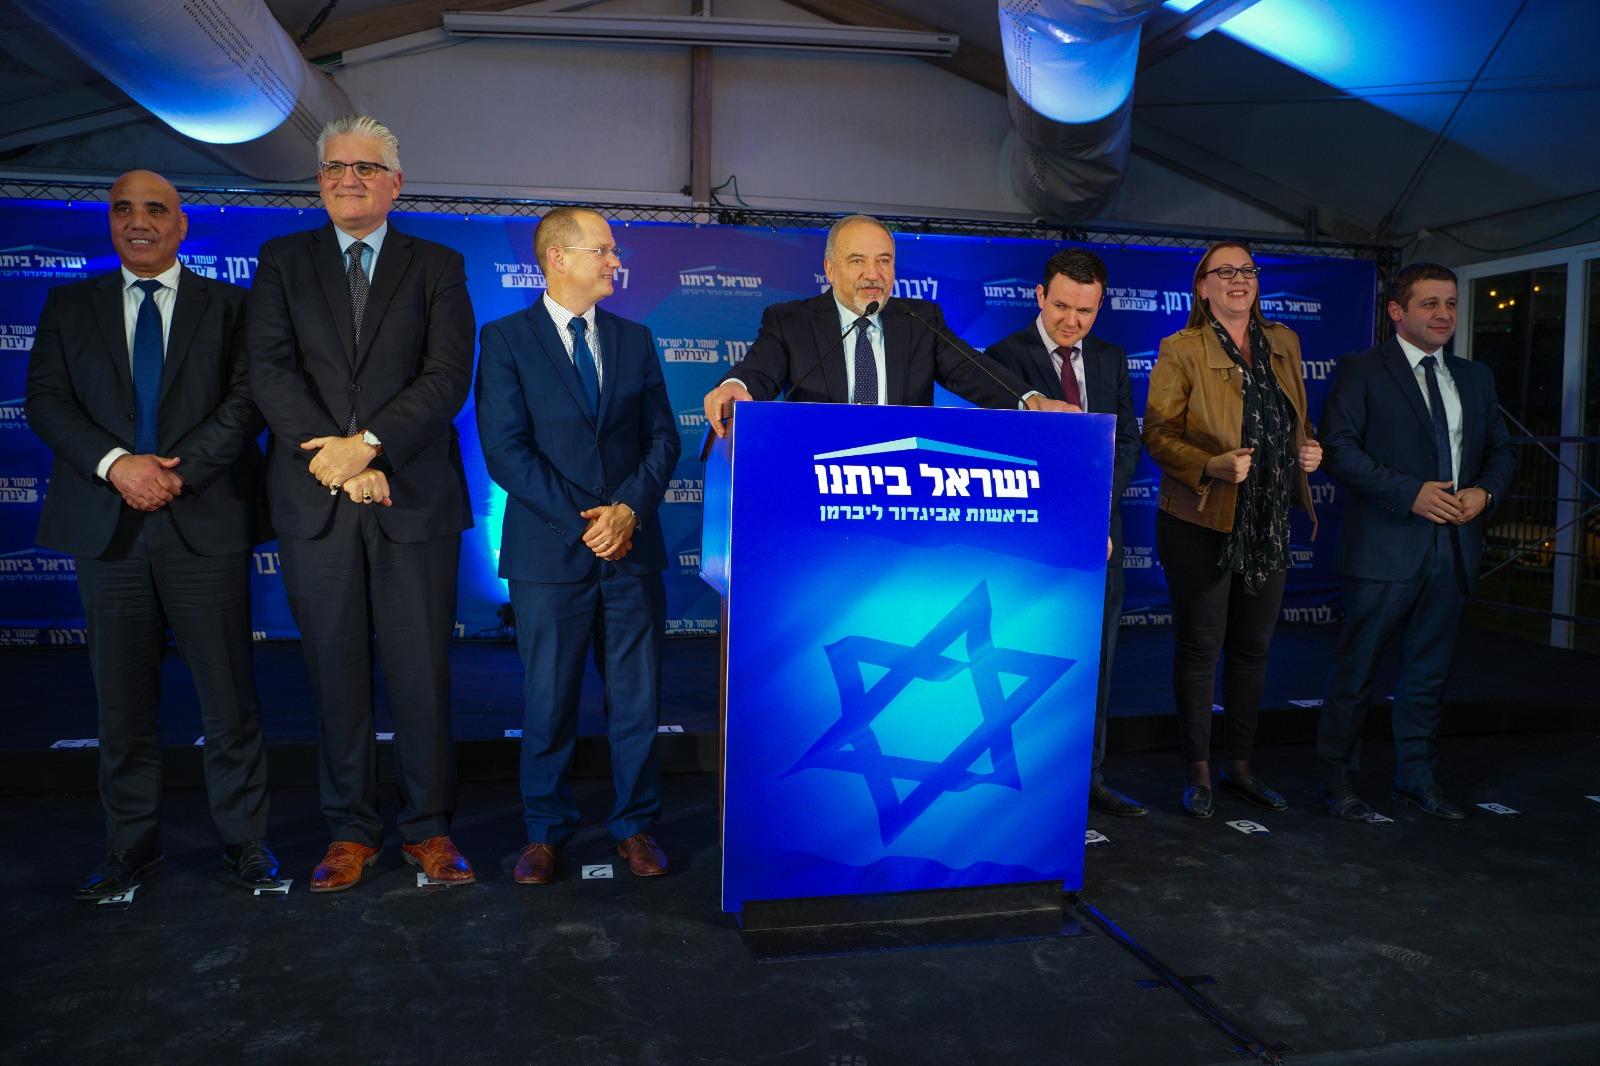 מפלגת ישראל ביתנו